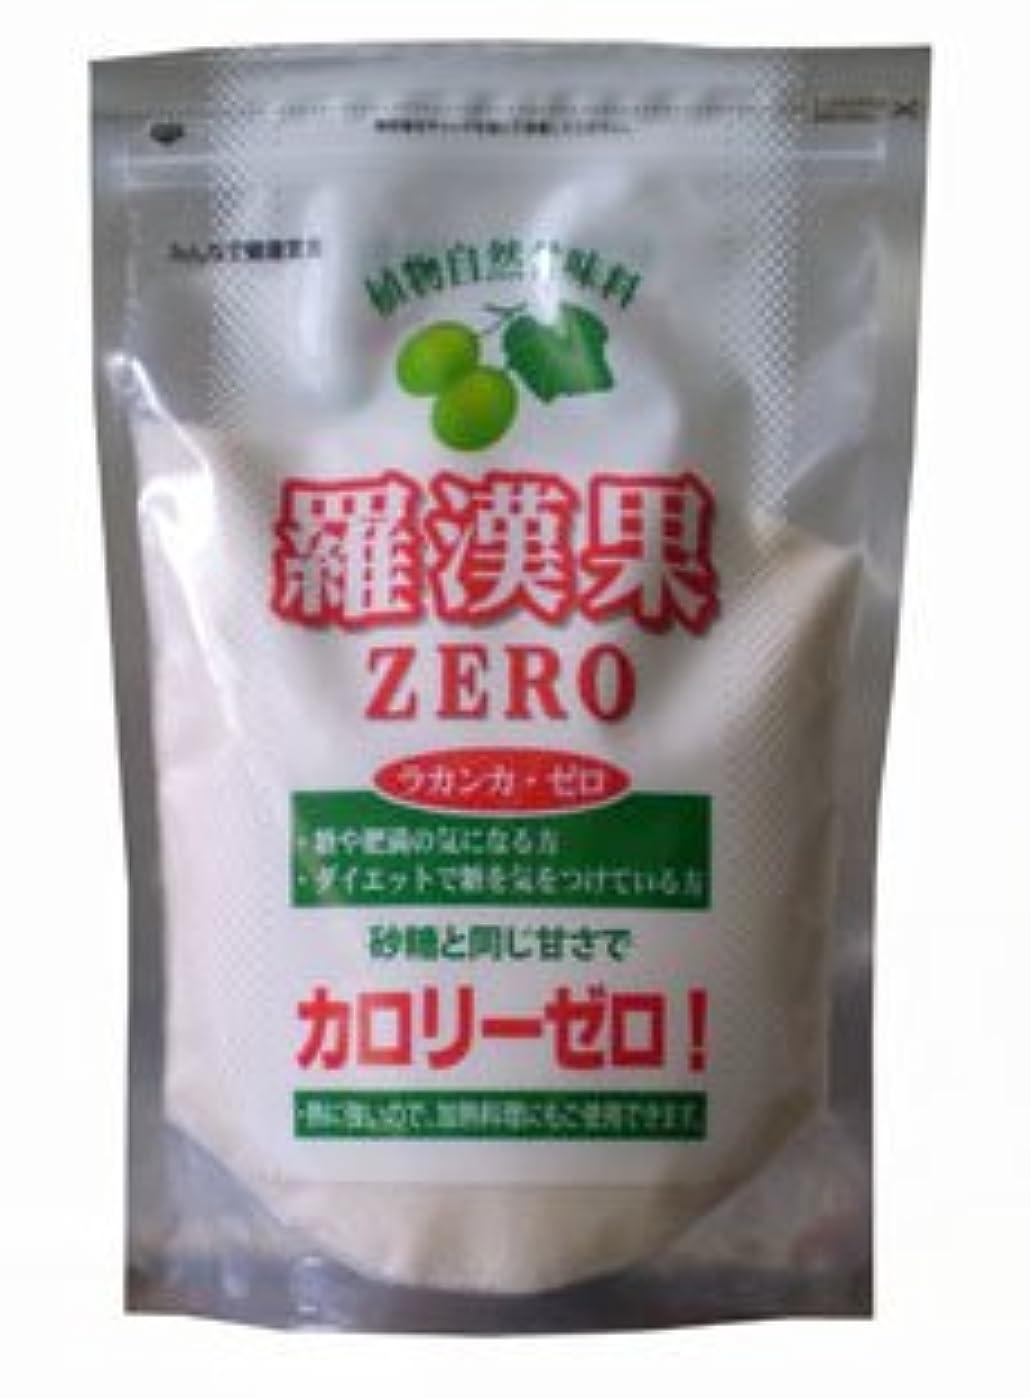 できた市の中心部ショートカロリーが限りなくゼロに近い甘味料! 沖縄県産 羅漢果ゼロ 1000g(1袋) ダイエット中の方、糖尿が気になる方にお勧め!